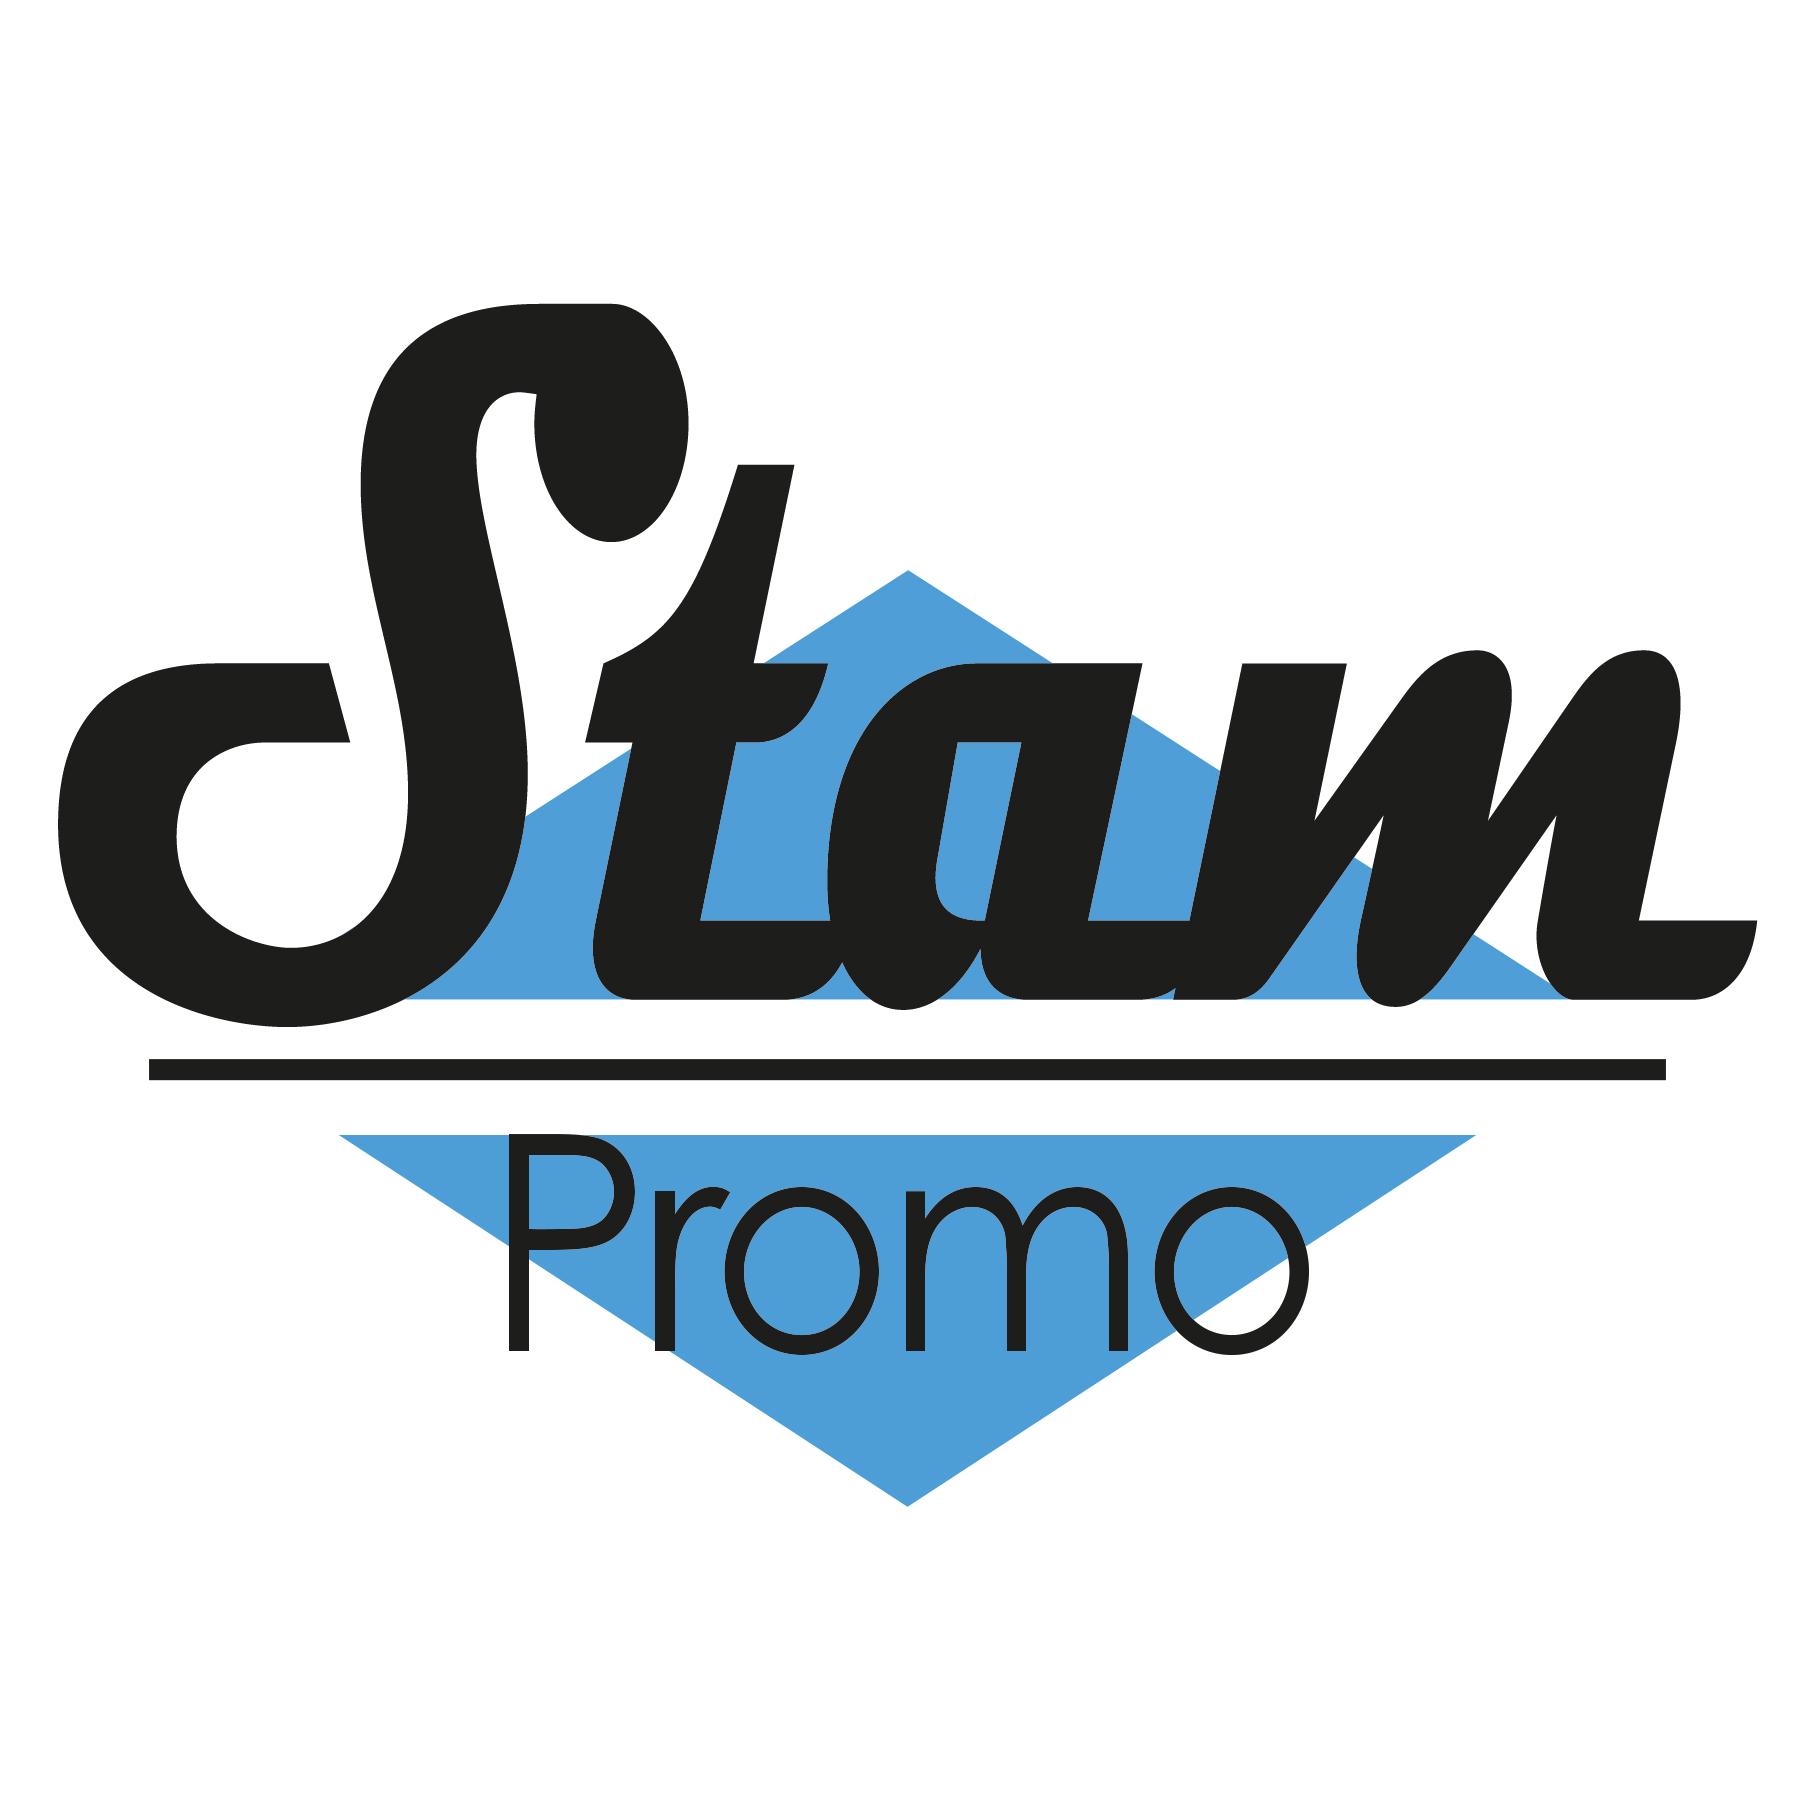 Stam Promo - Promotieartikelen & relatiegeschenken